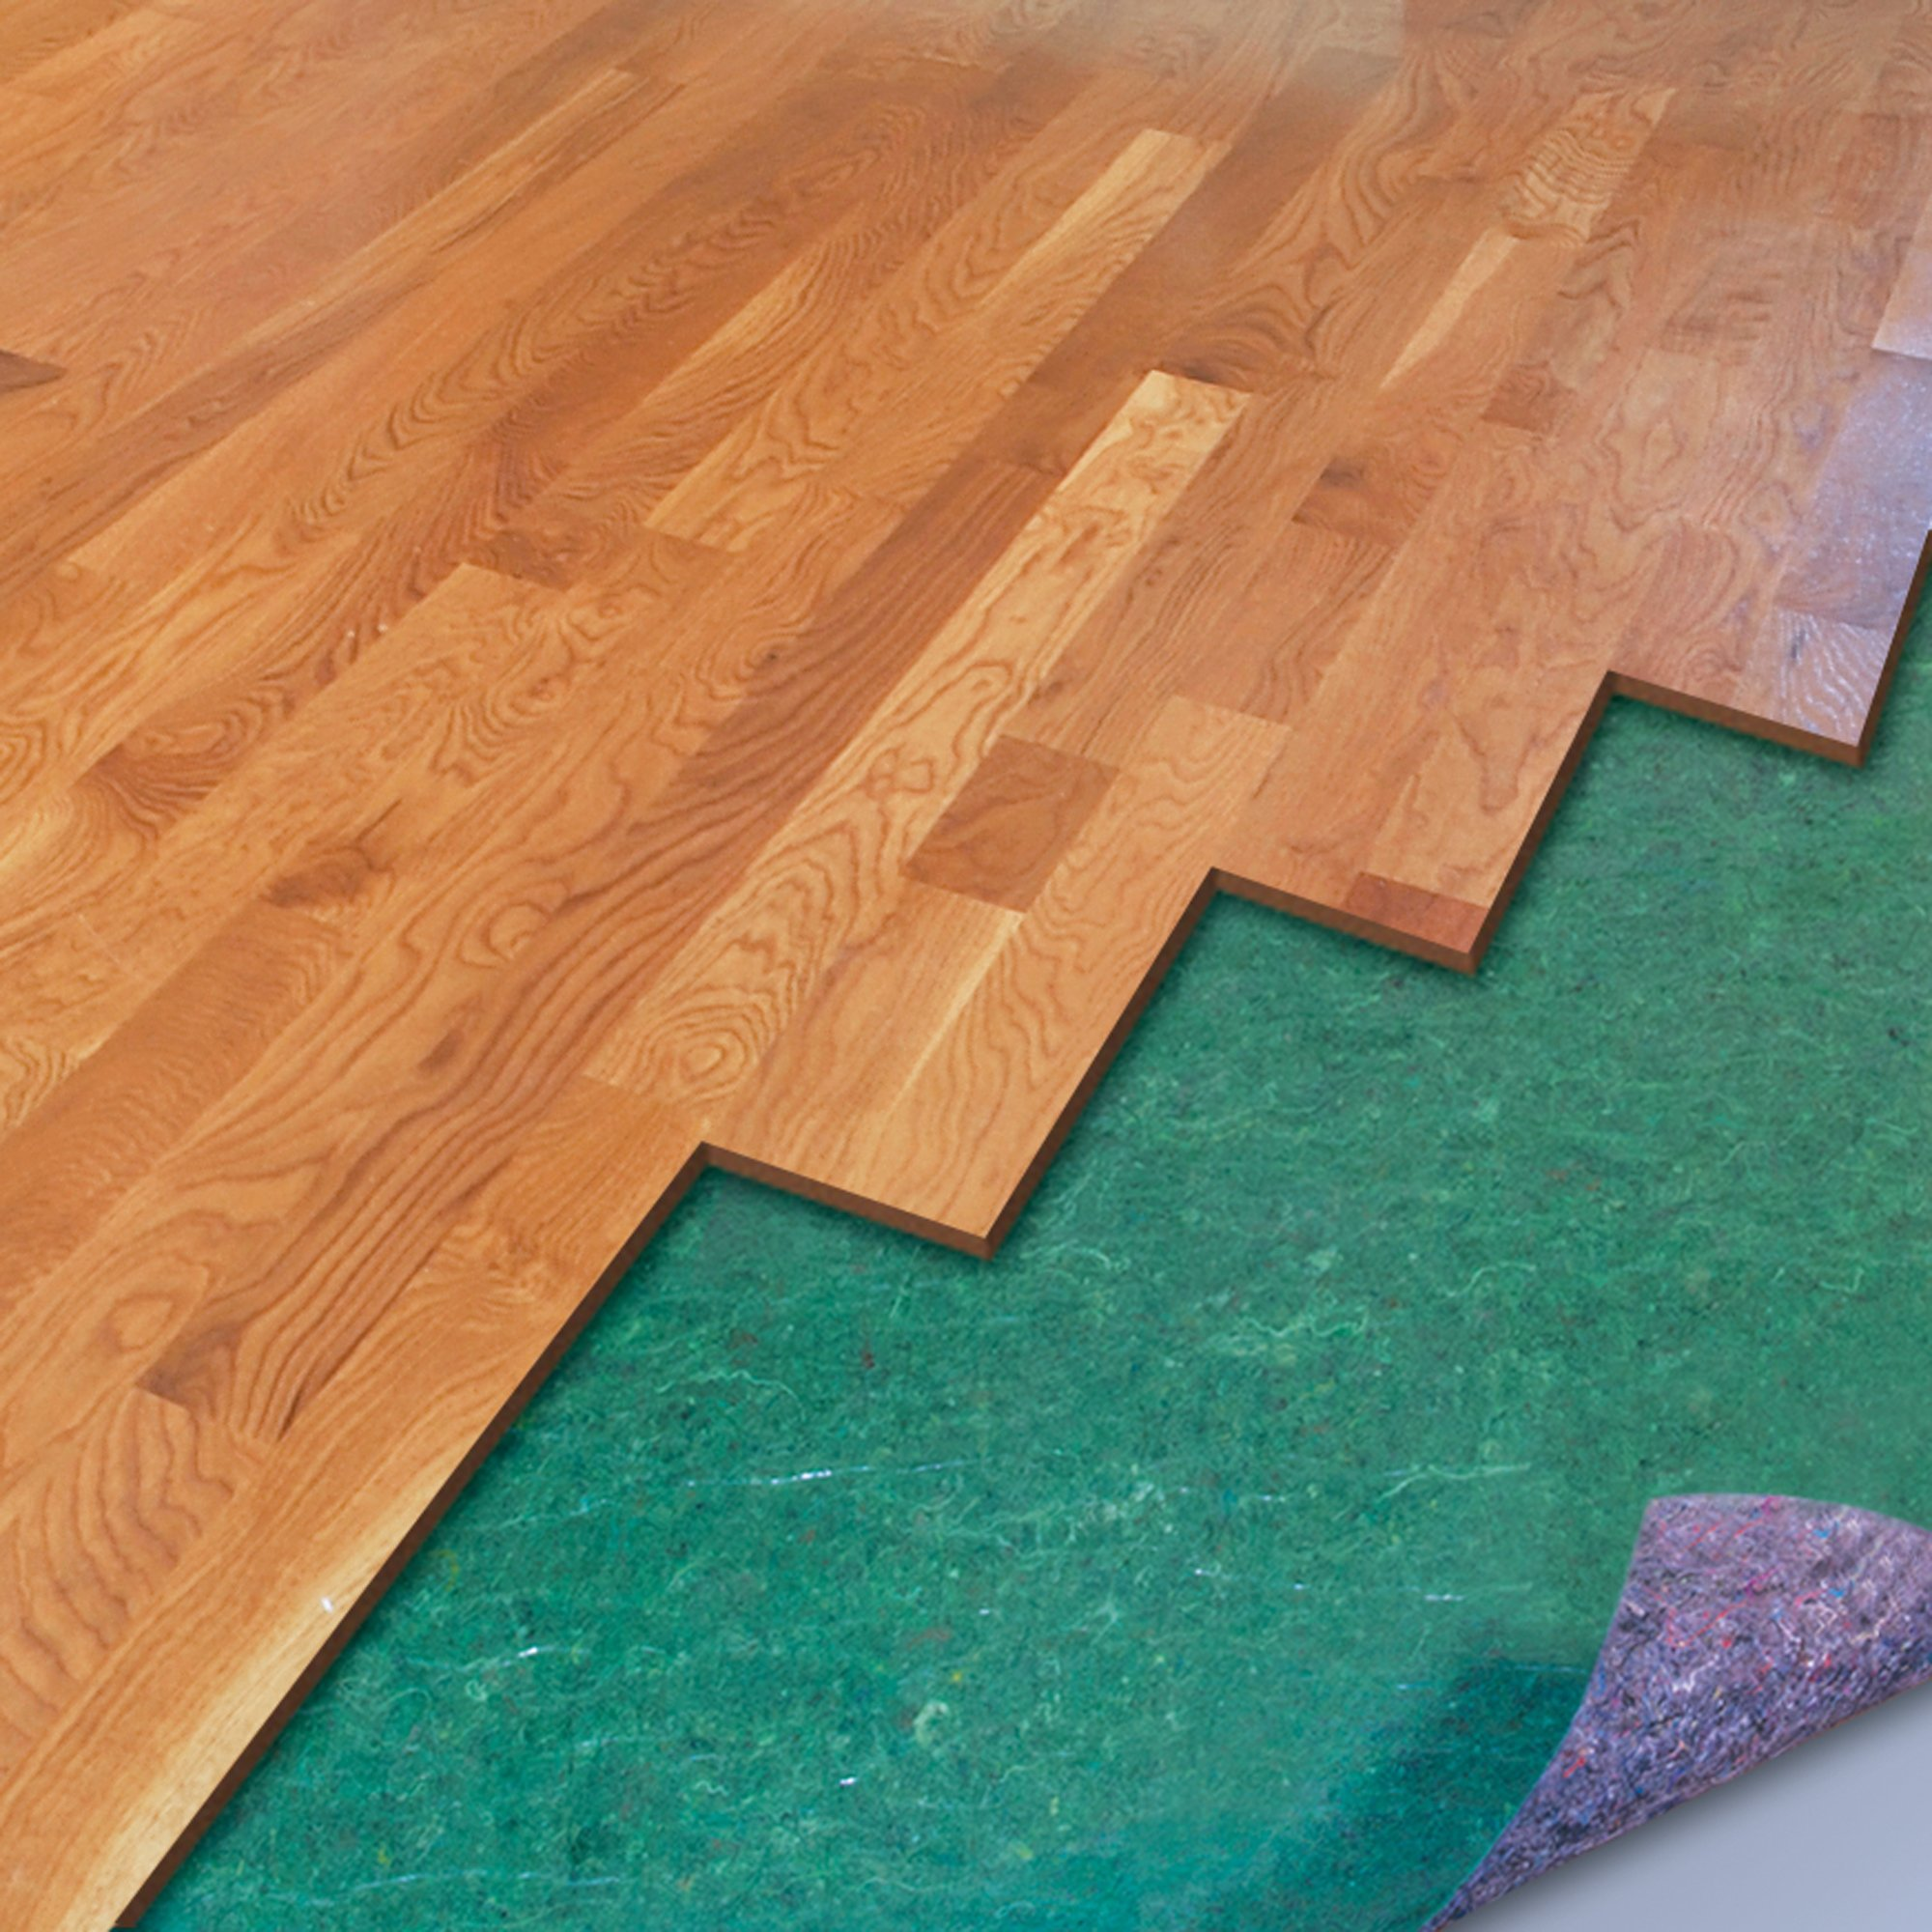 Tar Paper Underlayment Laminate Floor